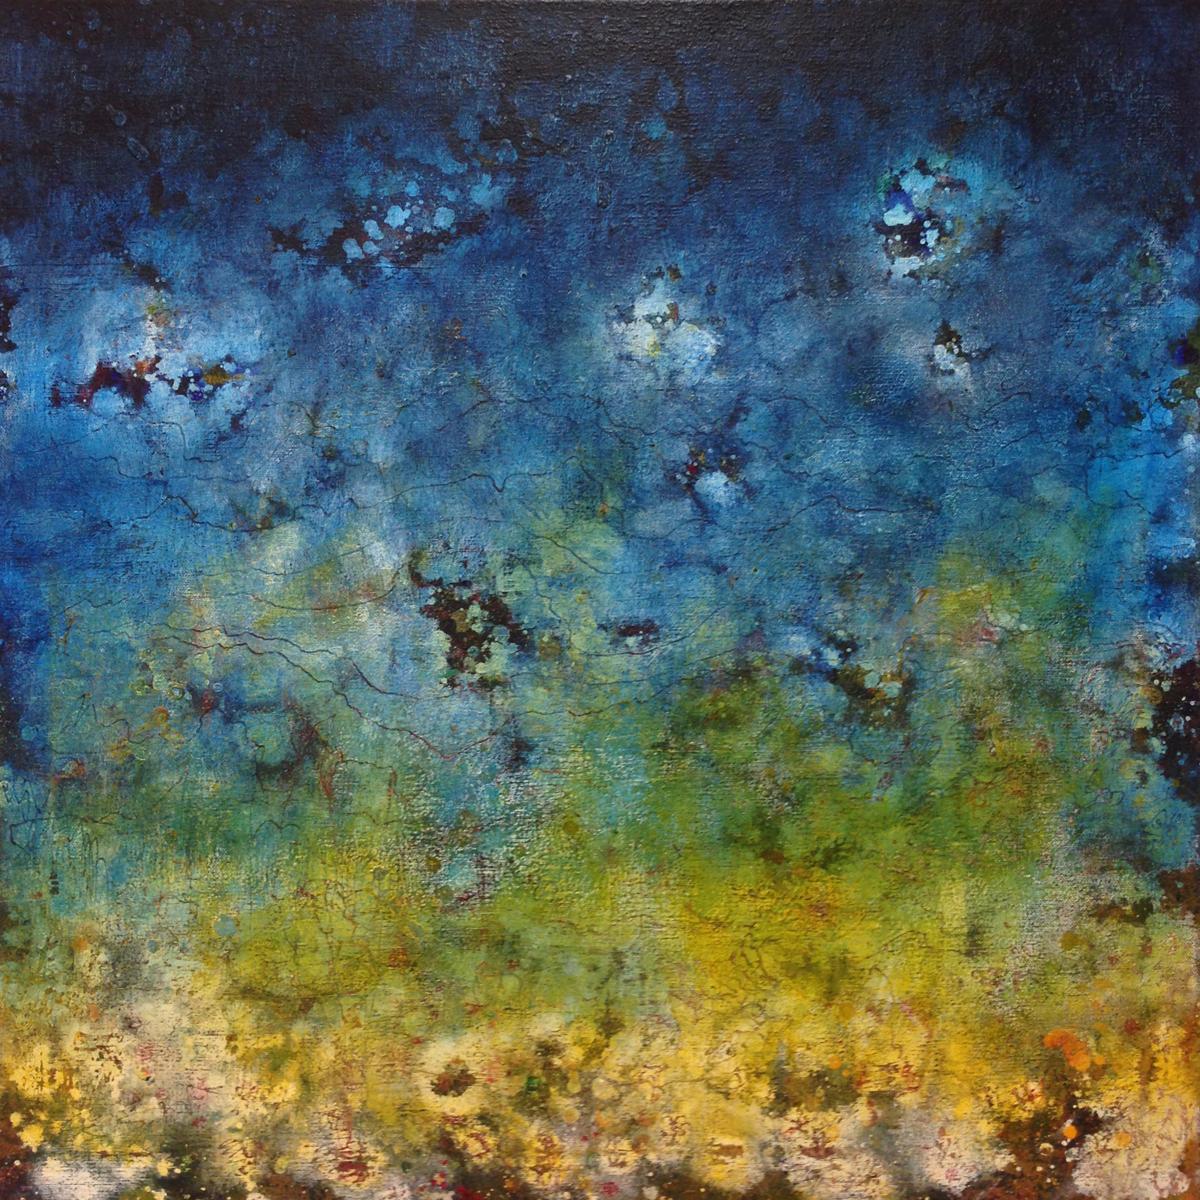 Dreamscape 29 (large view)